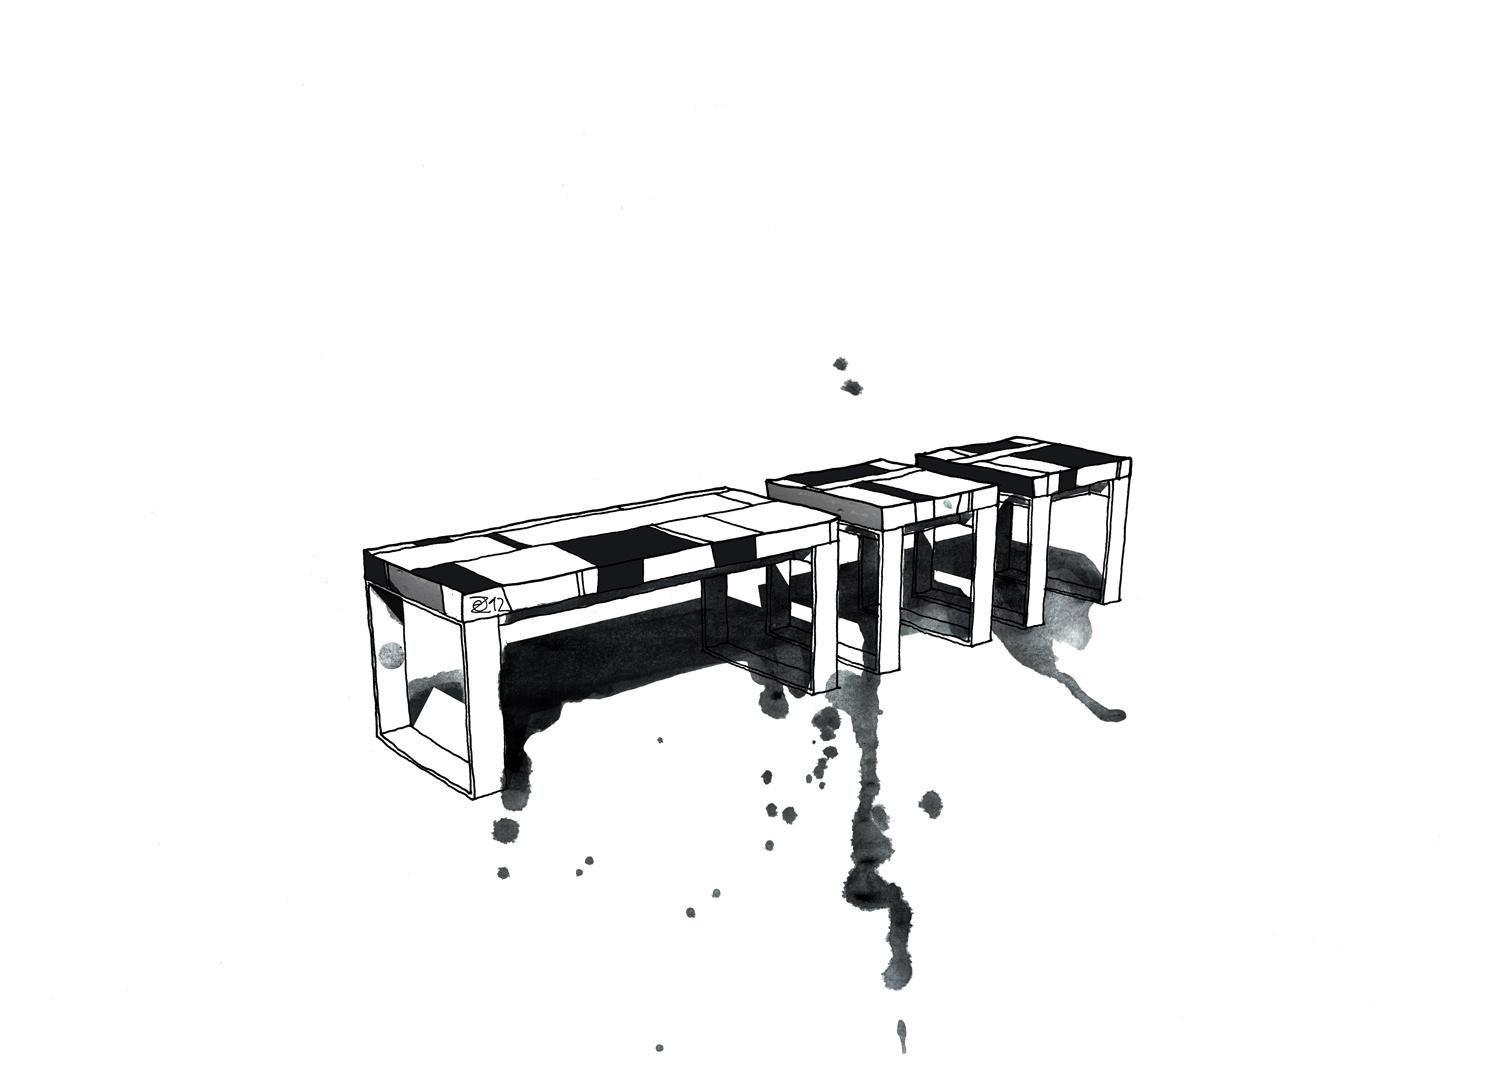 Architektin und Furniture Designer Maker in Berlin. Designer Möbel angefertigt nach Maß. Design Katalog KERTI one-off Sitzbänke aus Restholz-Stückwerk. Gestell aus Industriestahl. Patchwork Benches made from reclaimed wood on industrial steel base. Design and furniture design illustration by Studio KERTI.